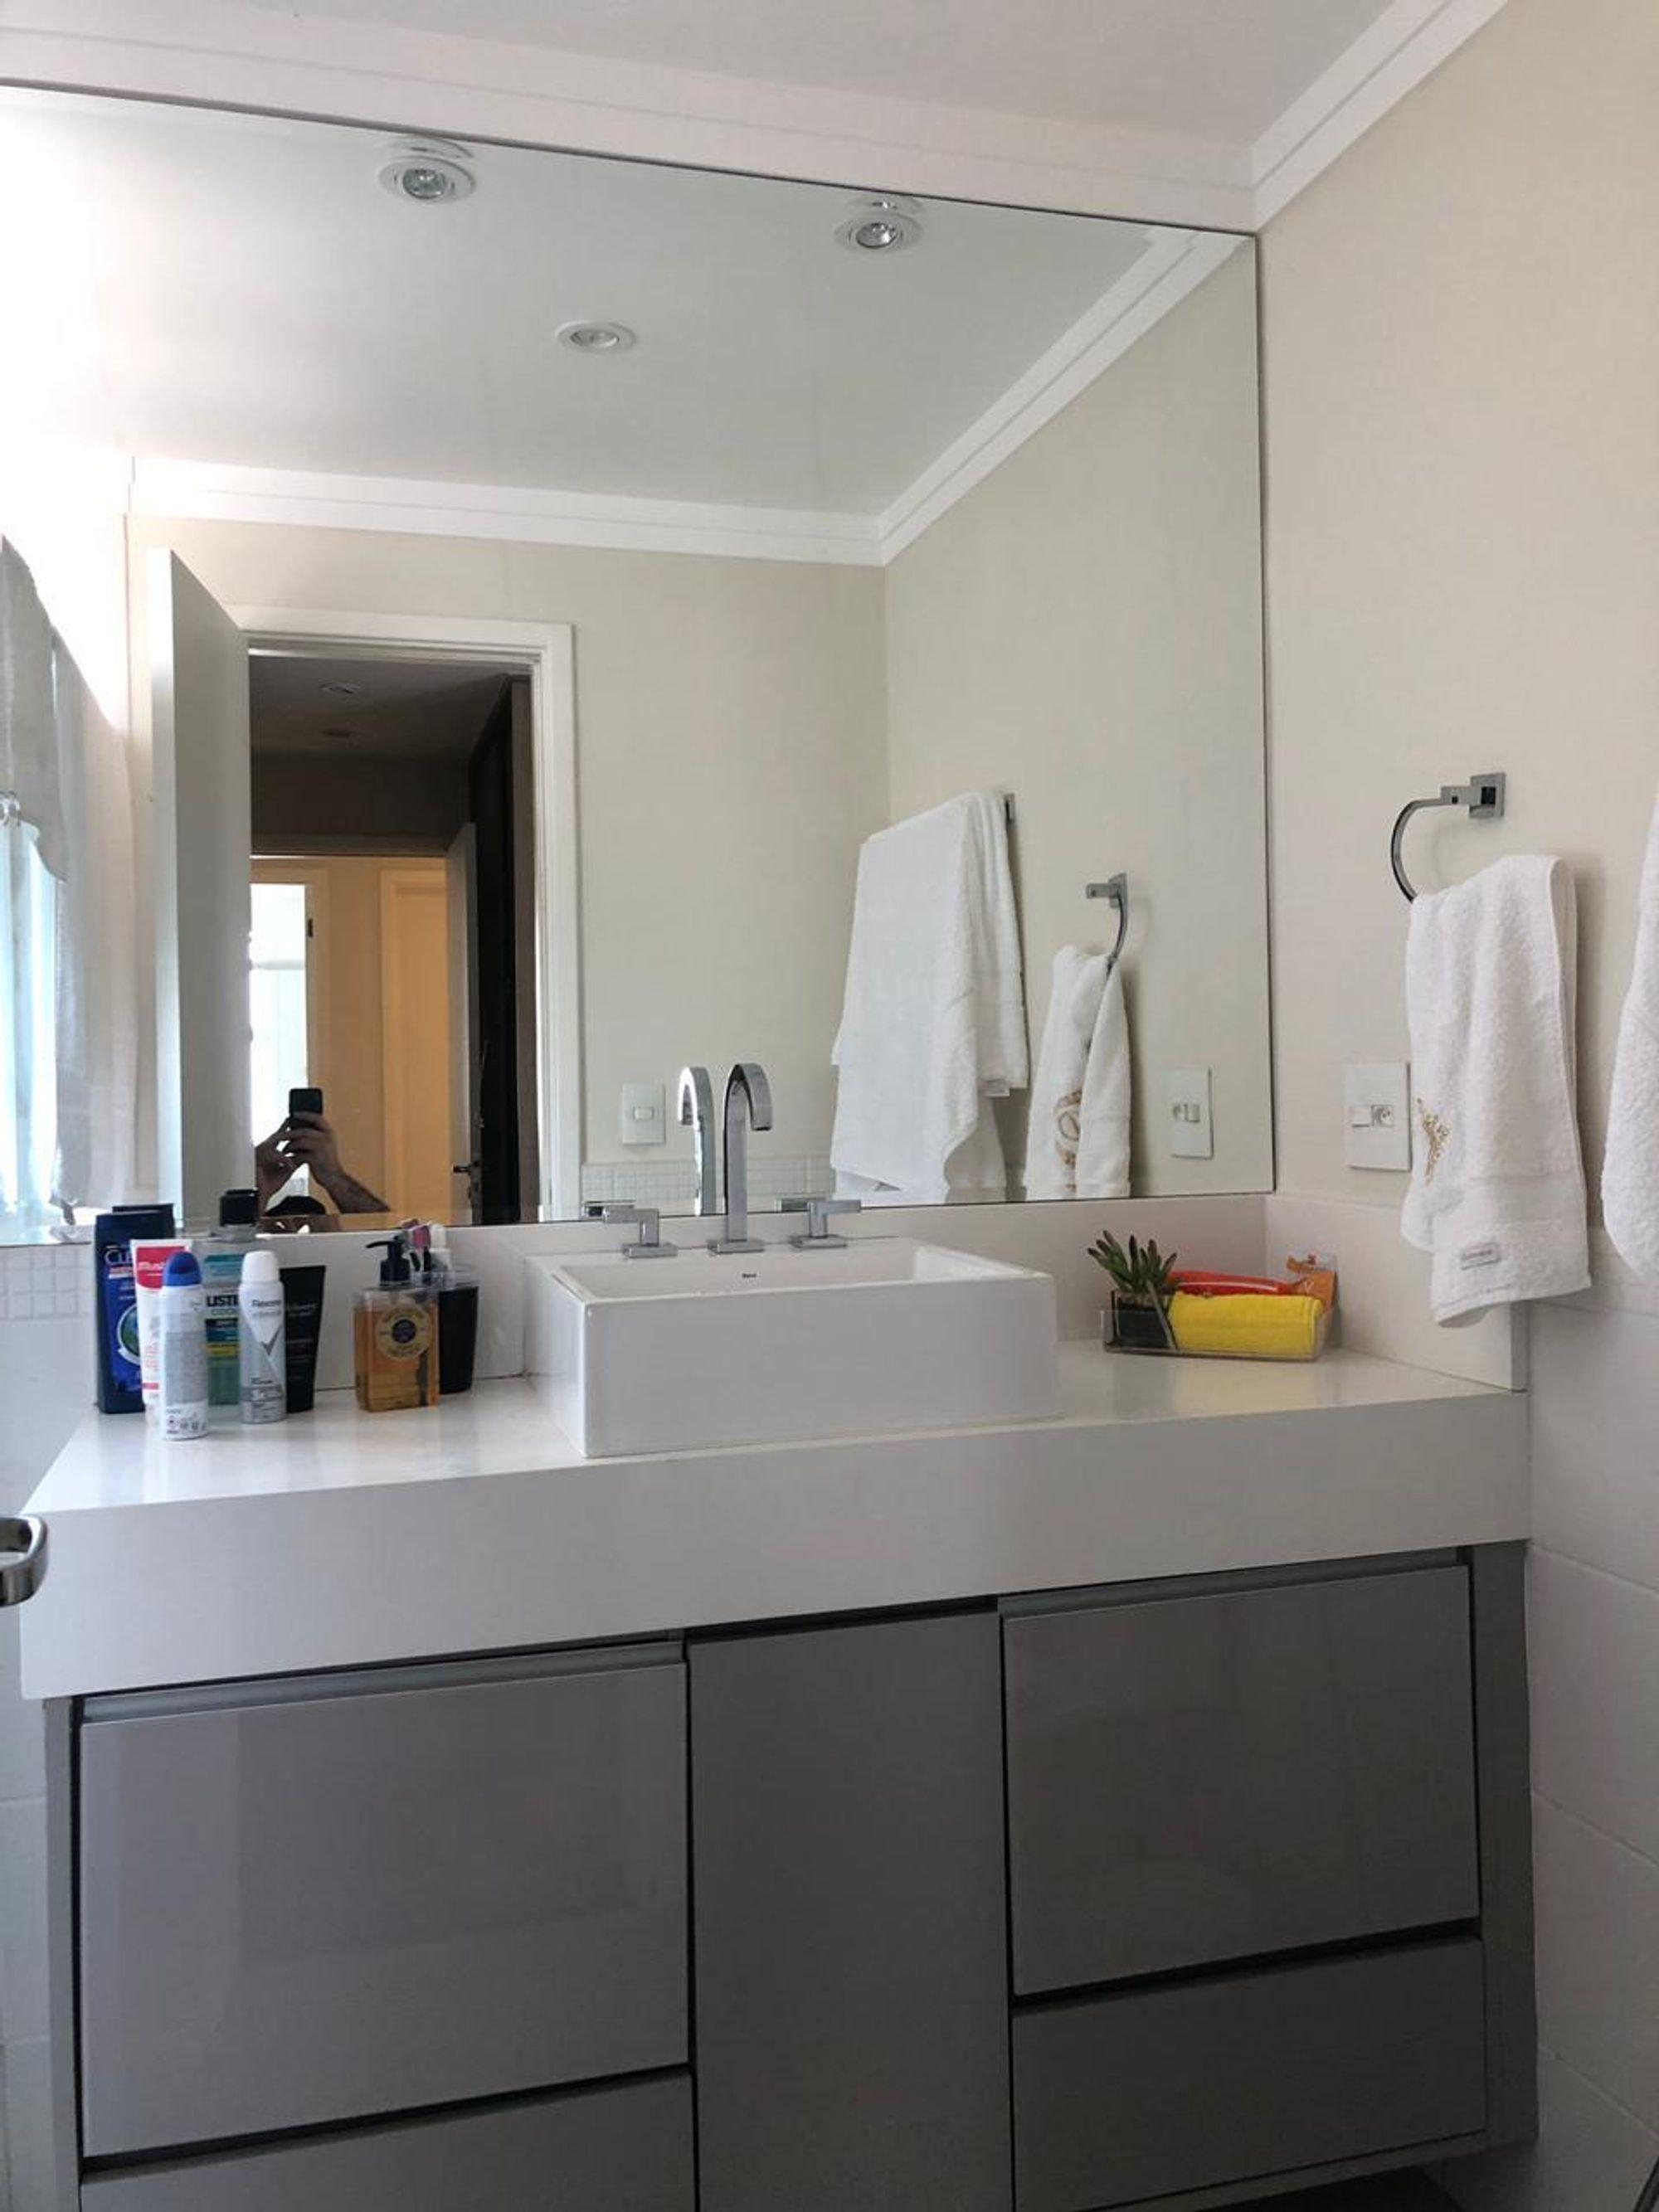 Foto de Banheiro com pessoa, pia, garrafa